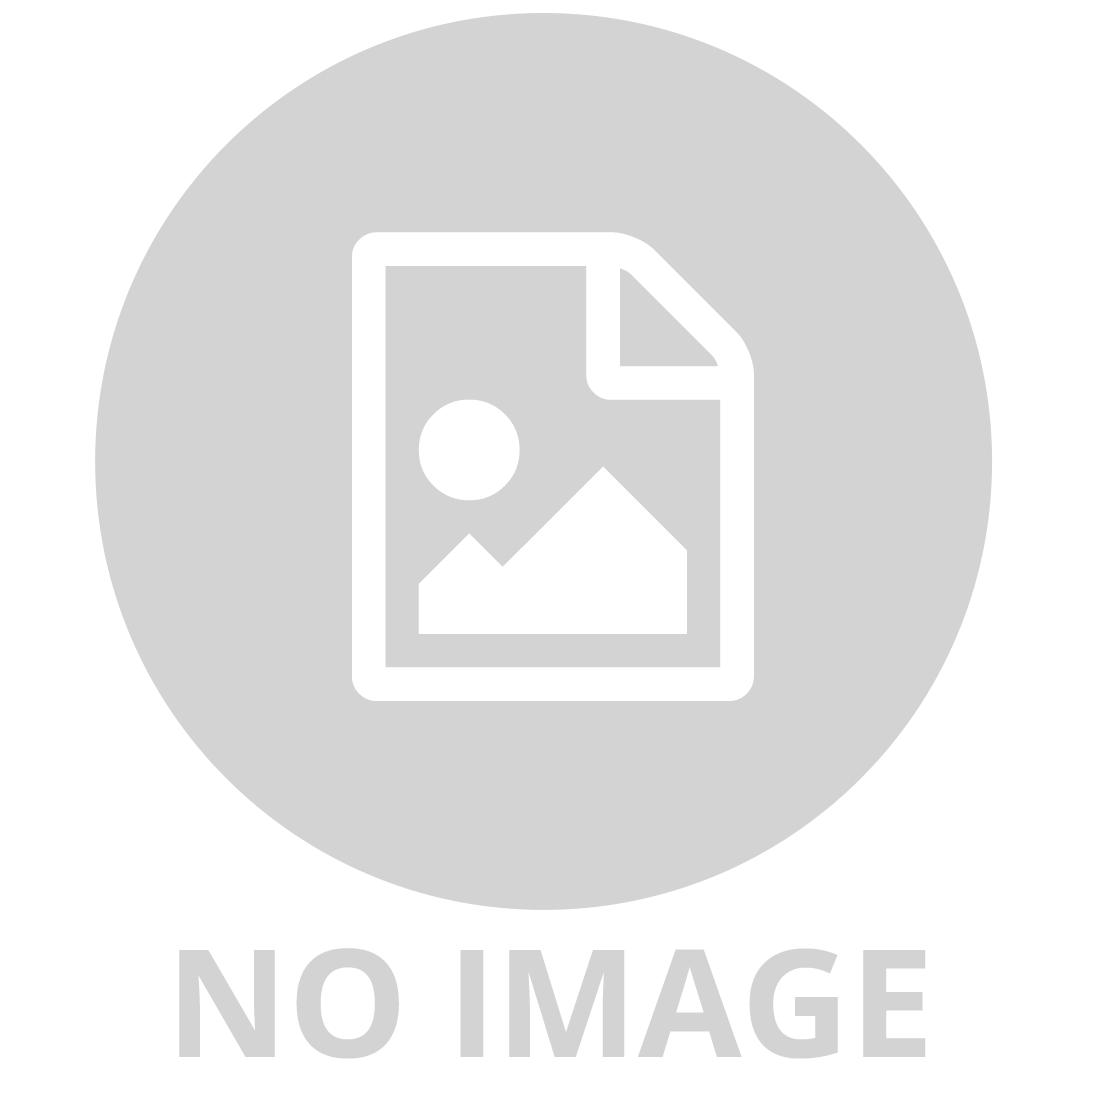 AIRFIX 1:72 BRISTOL BLENHEIM Mk.1F